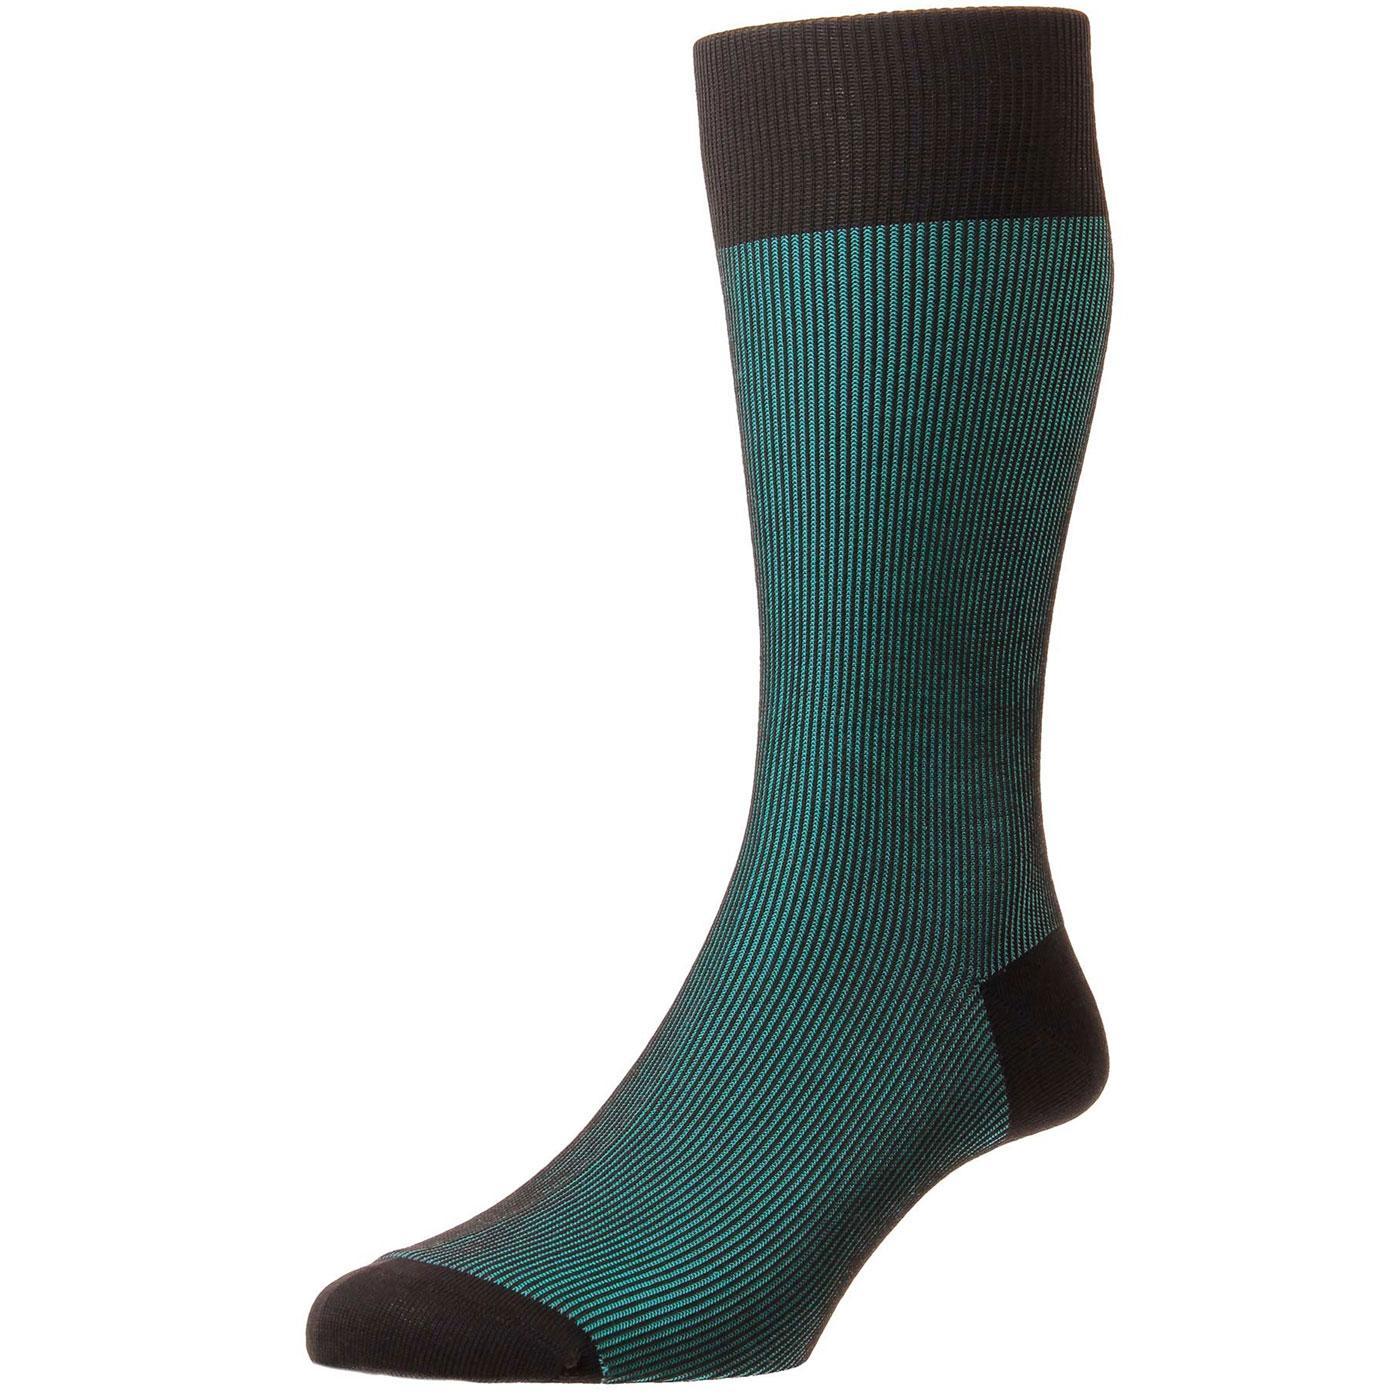 + Santos PANTHERELLA Men's Tonic Effect Socks C